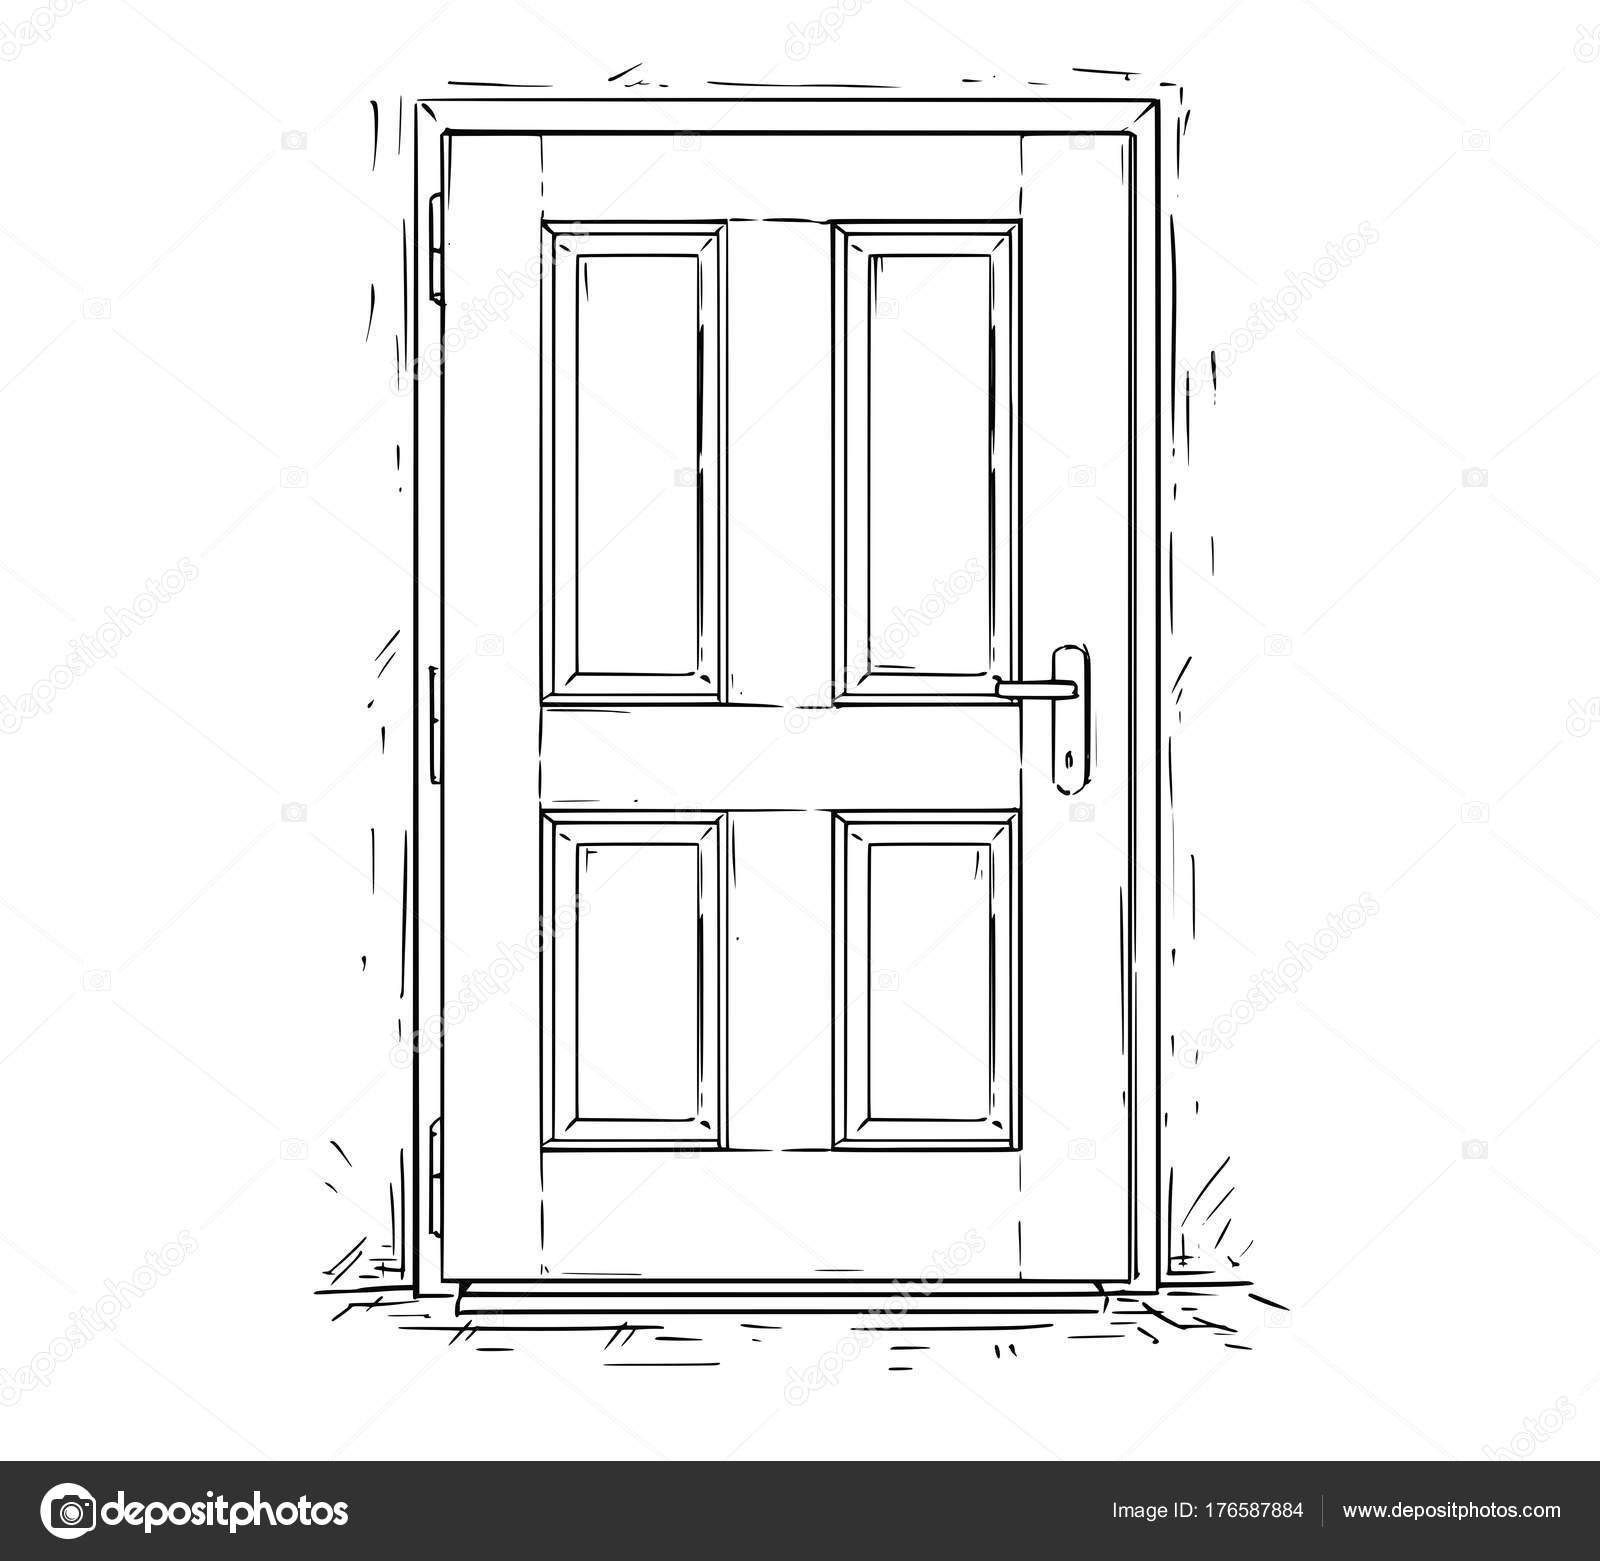 Cartoon vector doodle drawing illustration of closed wooden decision door. u2014 Vector by ursus@zdeneksasek.com  sc 1 st  Depositphotos & Cartoon Vector of Closed Wooden Decision Door u2014 Stock Vector © ursus ...